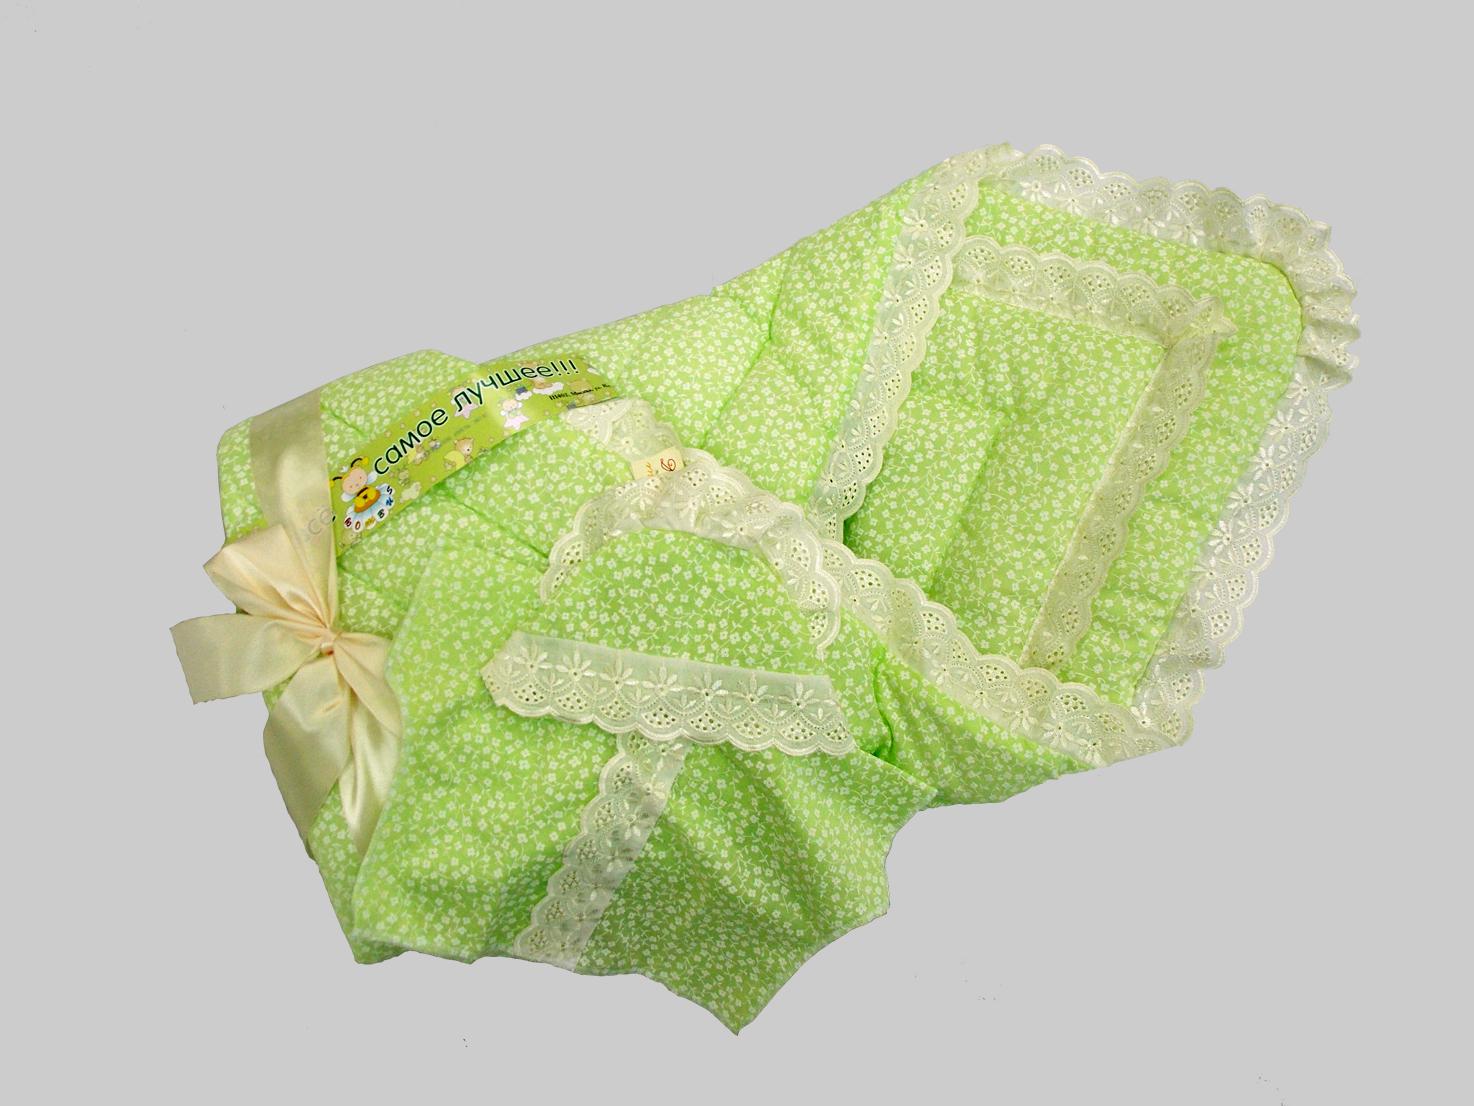 Одеяло на выписку - Фунтик, 4 предмета, зеленоеКомплекты на выписку<br>Одеяло на выписку - Фунтик, 4 предмета, зеленое<br>